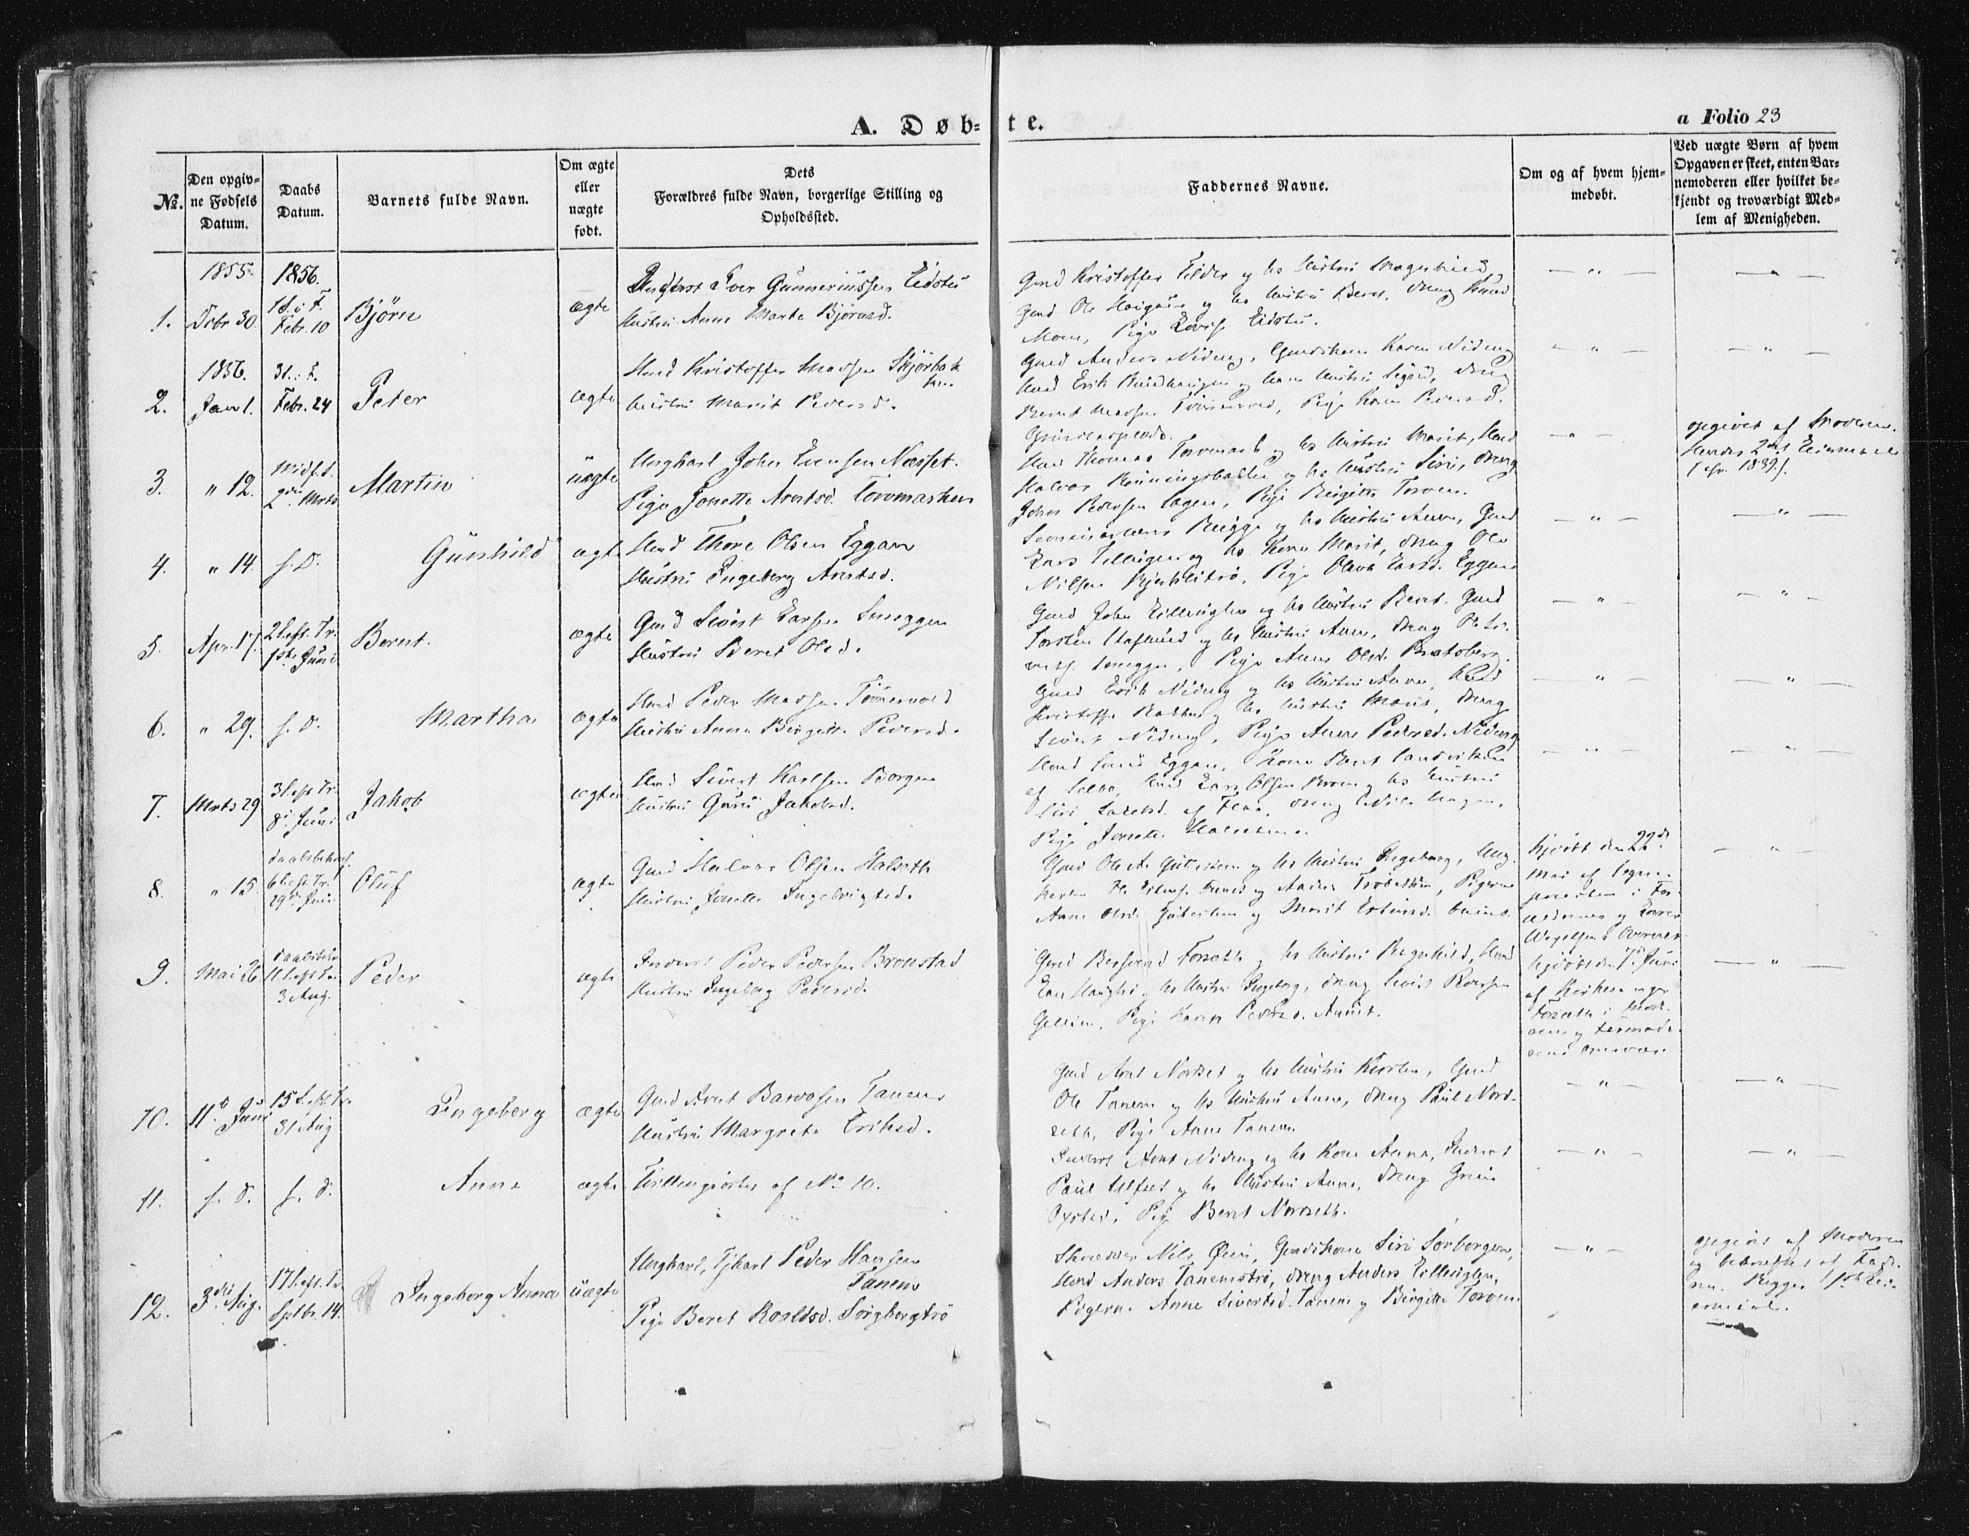 SAT, Ministerialprotokoller, klokkerbøker og fødselsregistre - Sør-Trøndelag, 618/L0441: Ministerialbok nr. 618A05, 1843-1862, s. 23